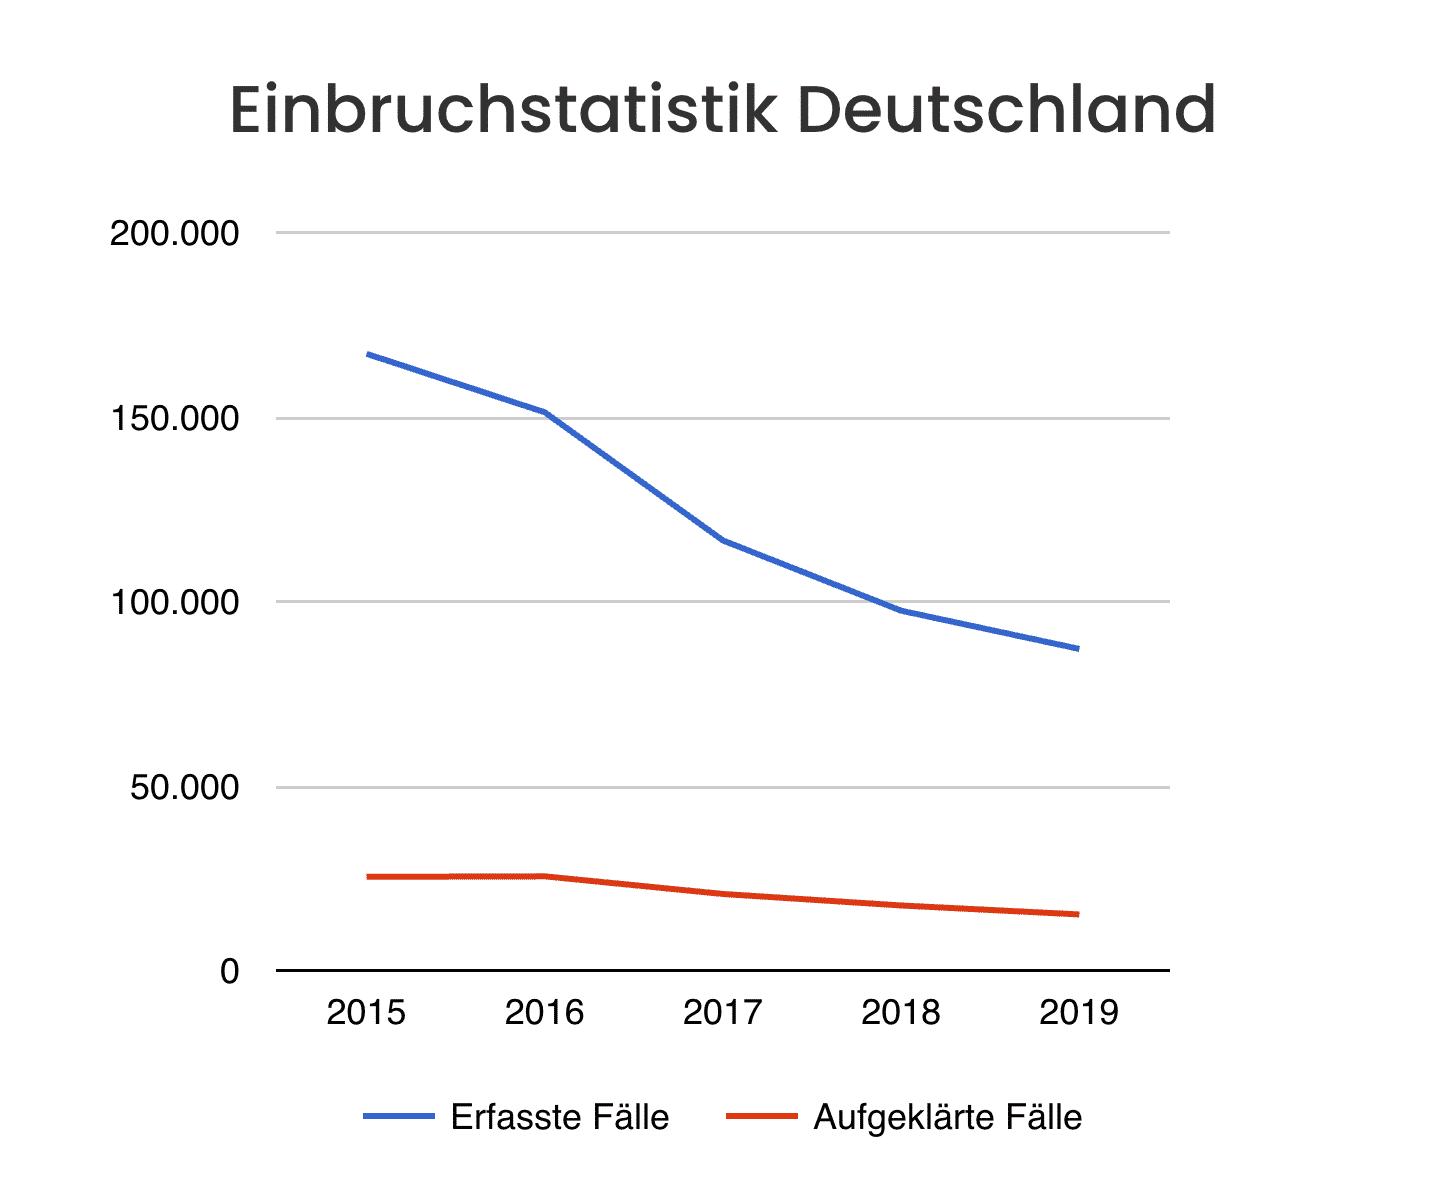 Einbruchstatistik Deutschland